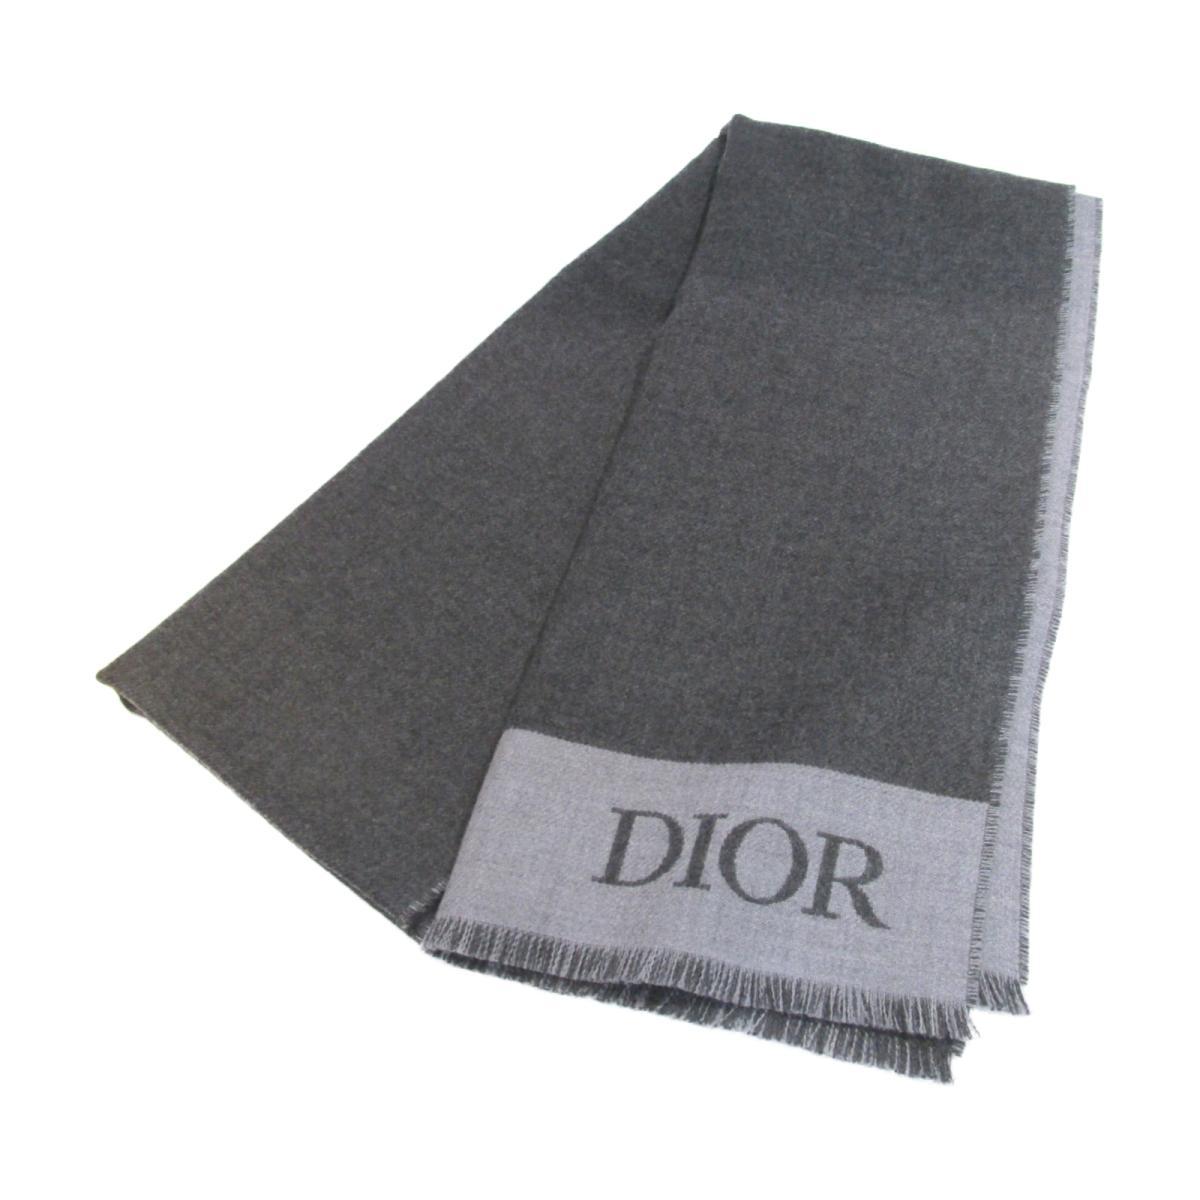 【中古】 クリスチャン・ディオール マフラー メンズ レディース ウール チャコールグレー グレー | Dior BRANDOFF ブランドオフ ブランド スカーフ